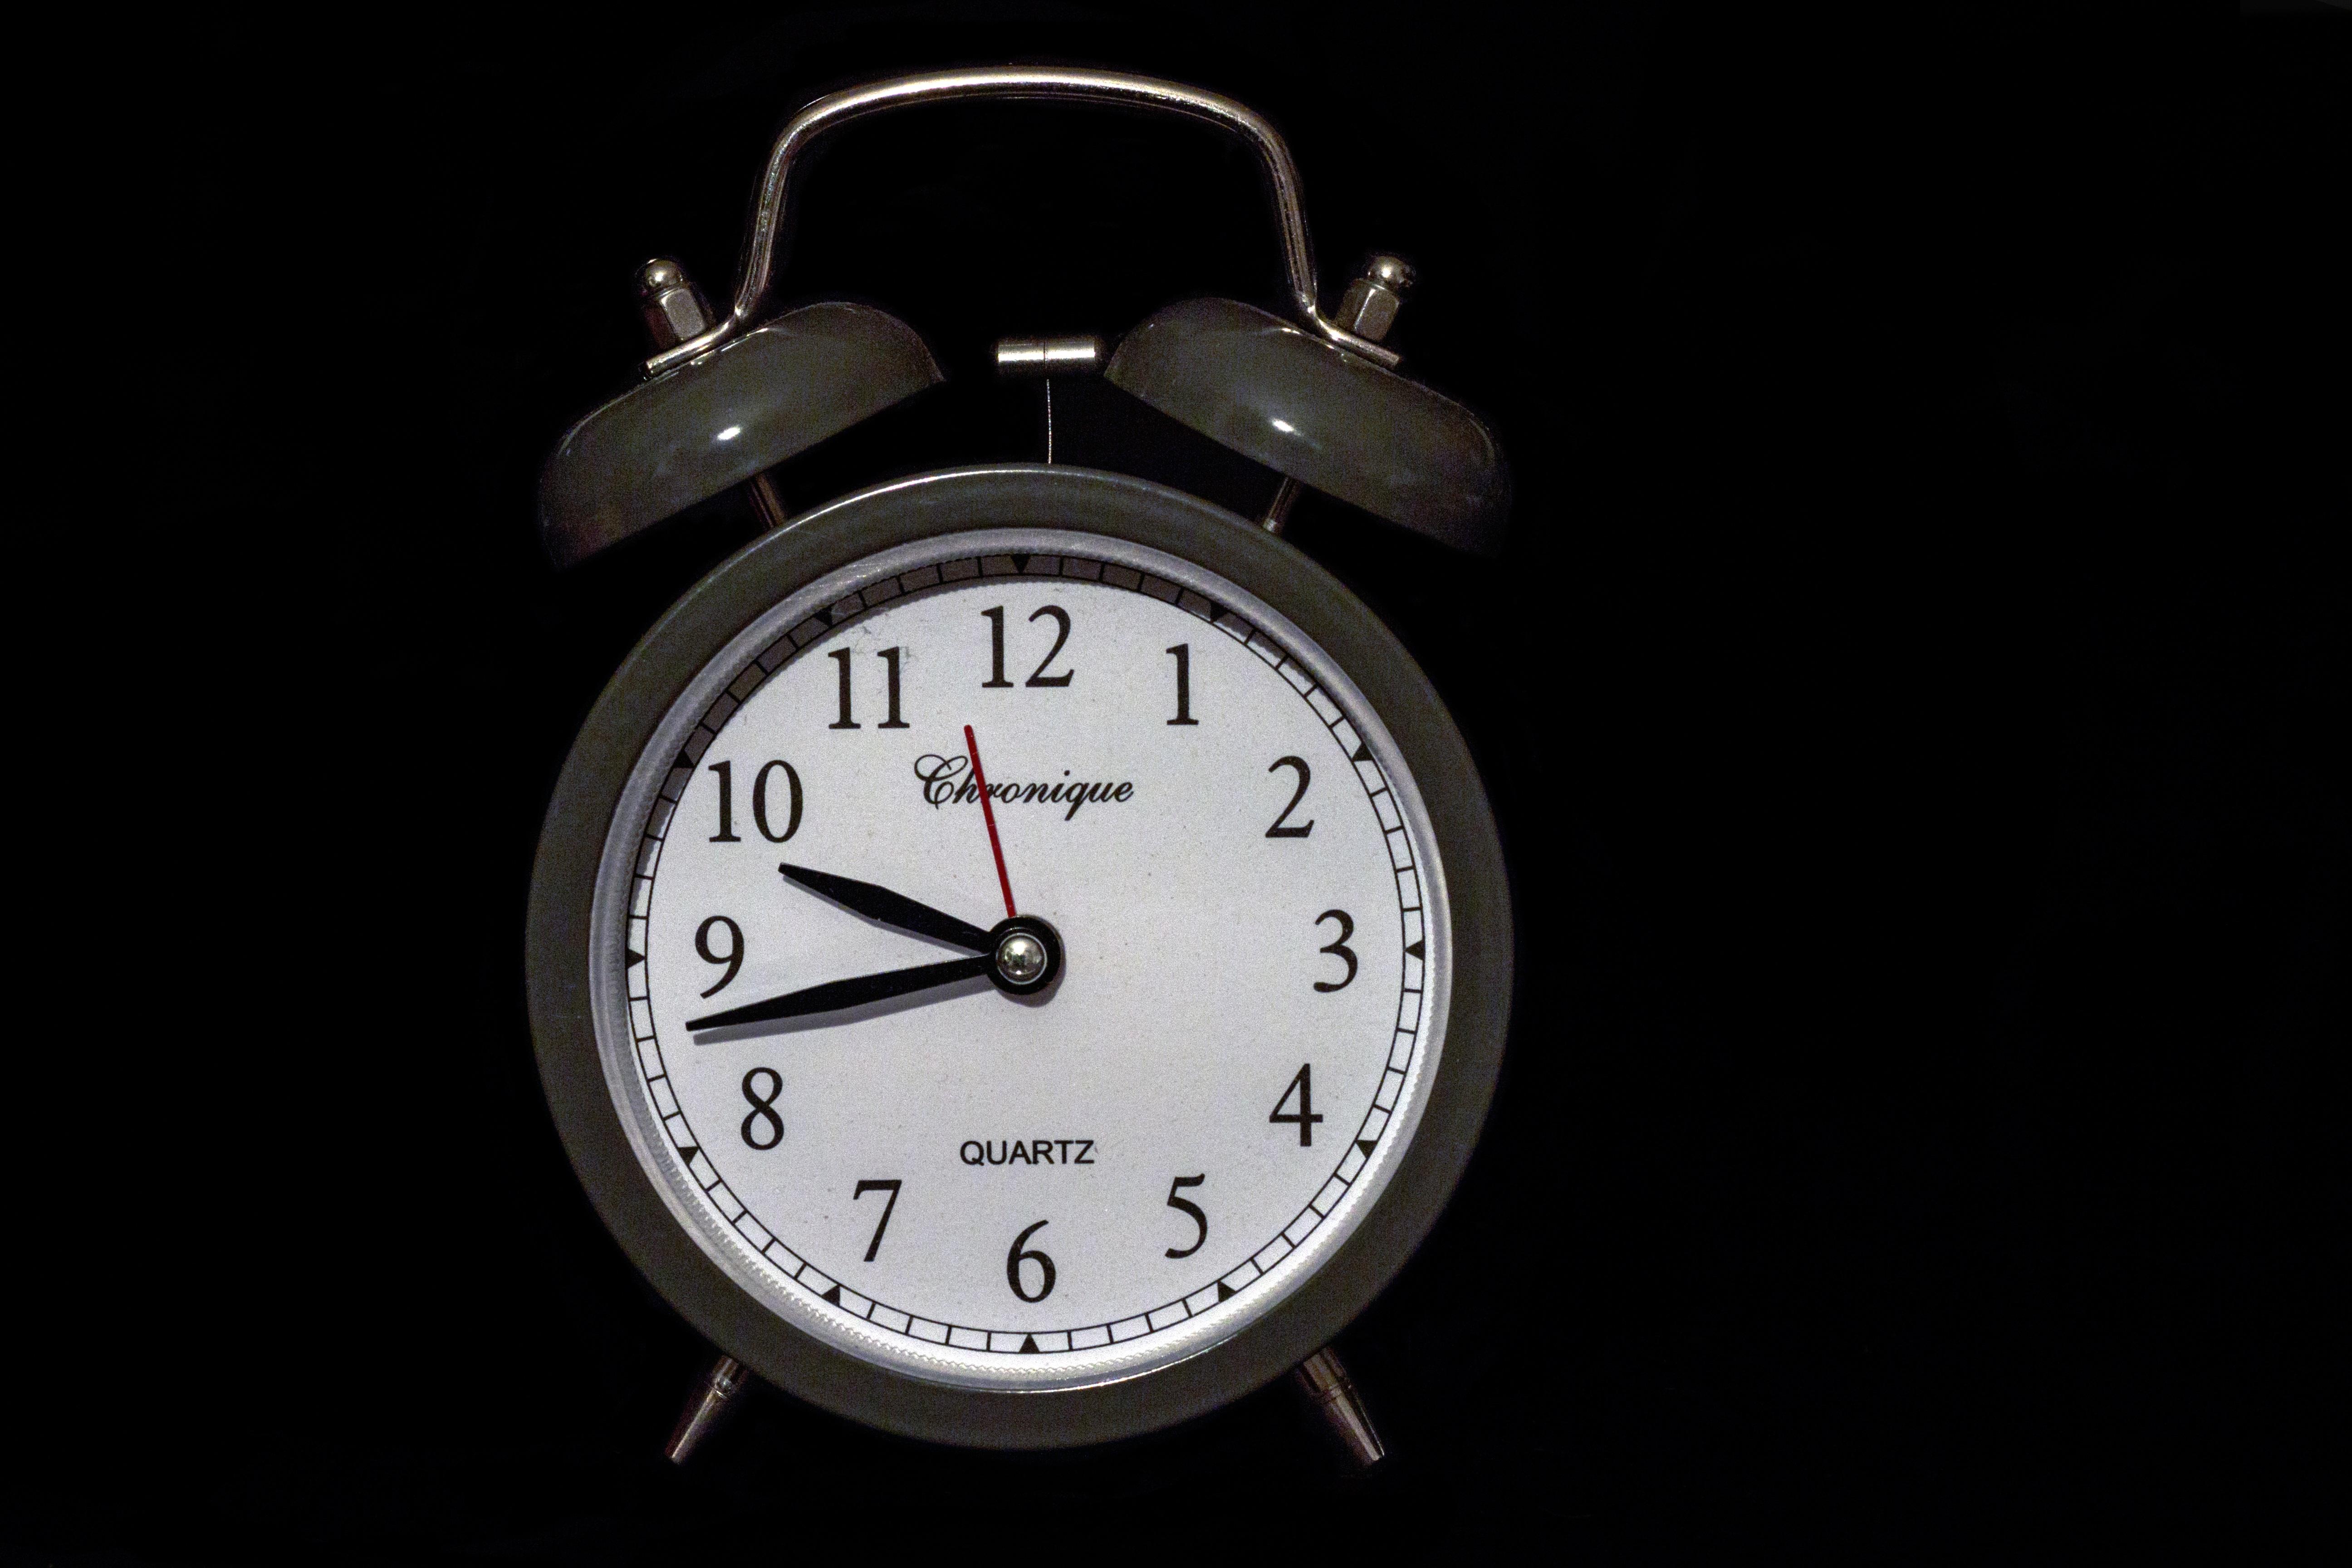 одинаково хорошо картинка часов на черном фоне помощью